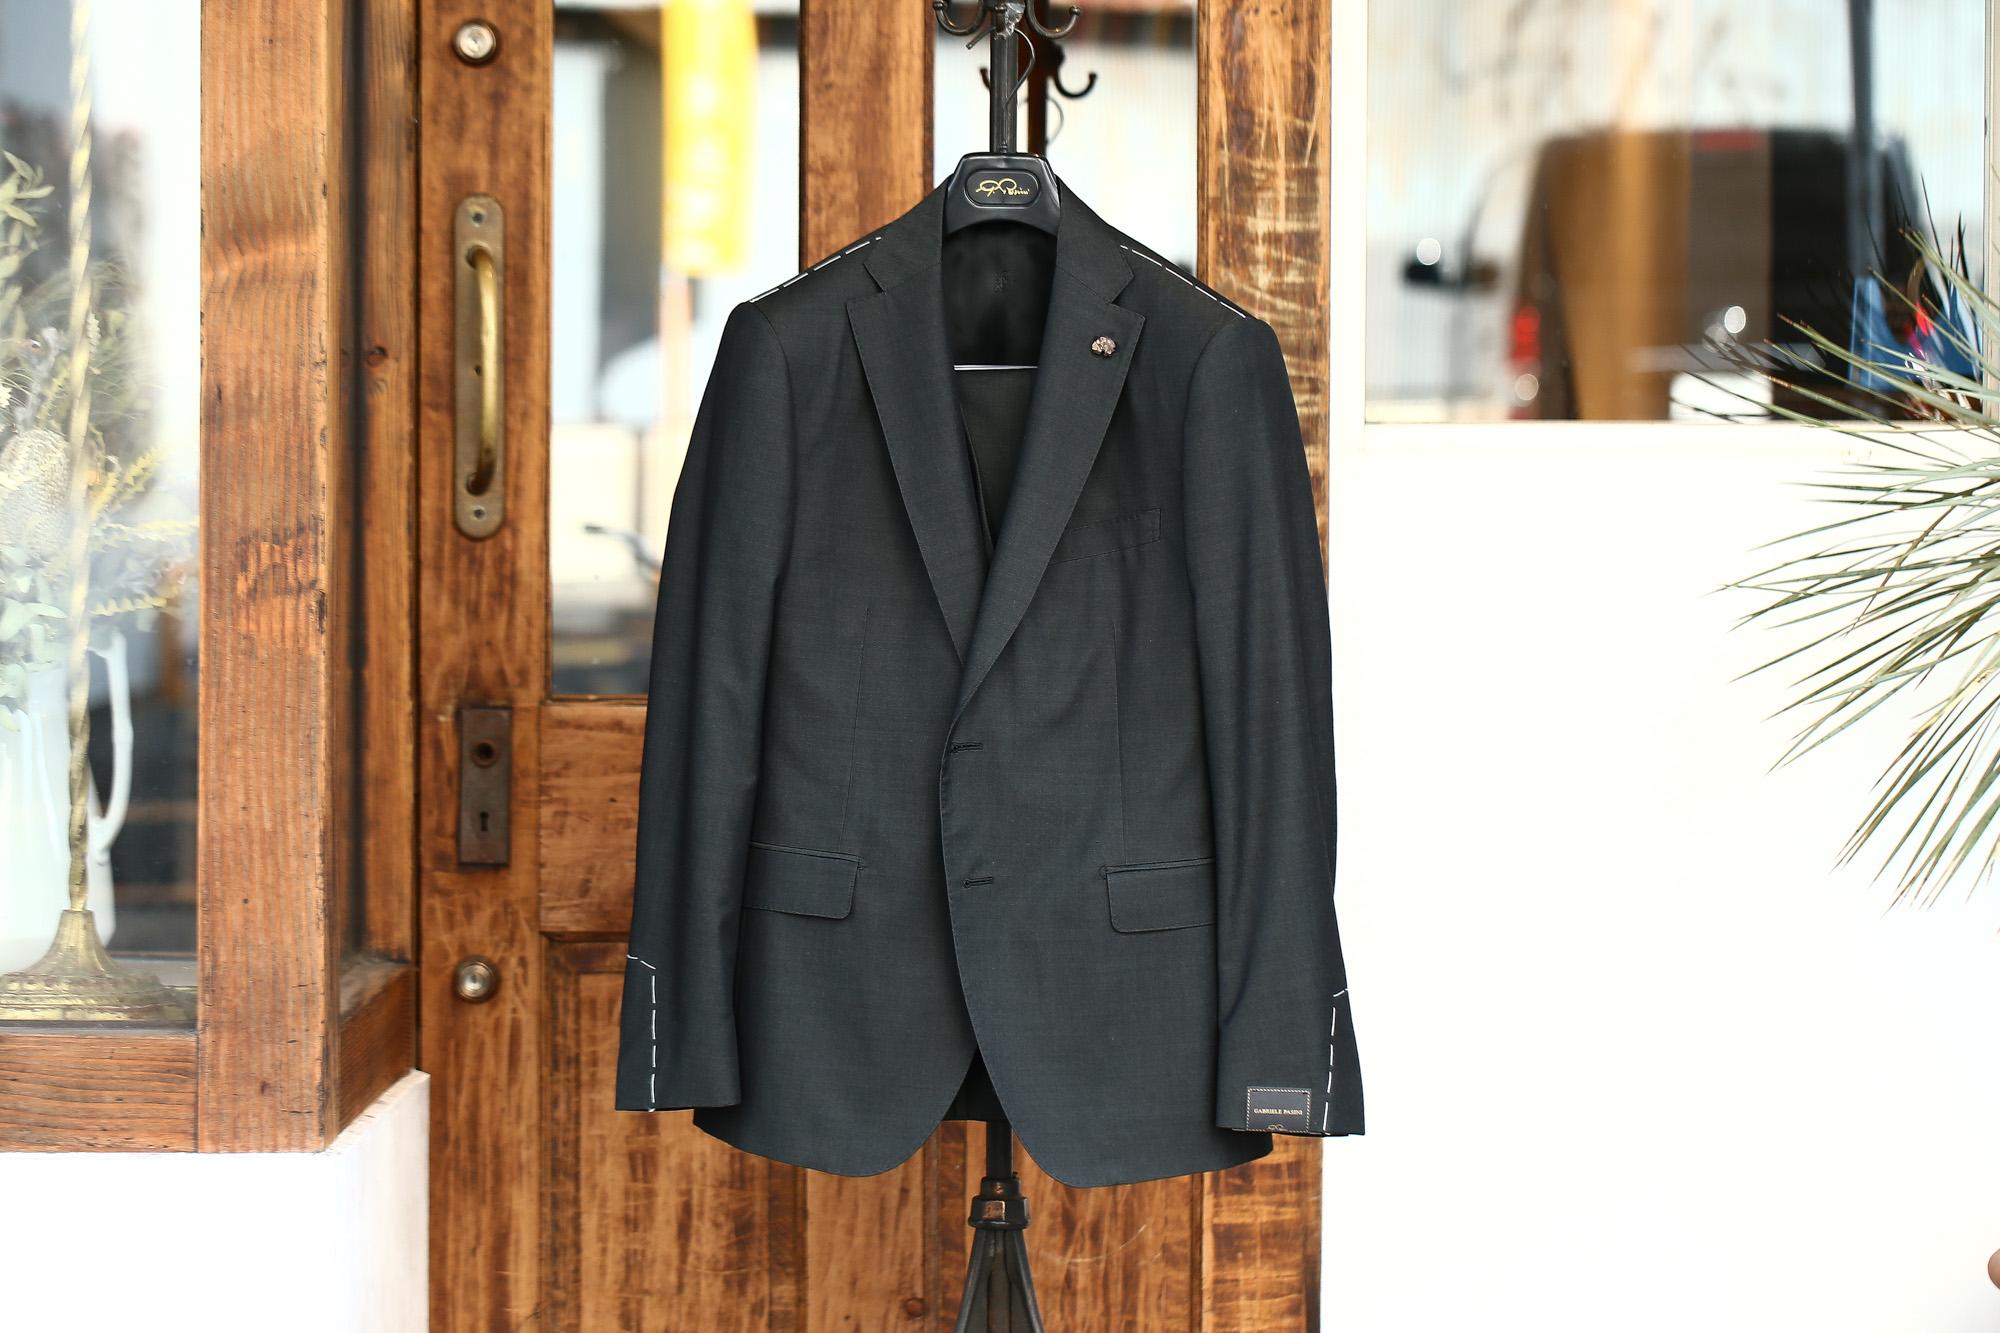 GABRIELE PASINI (ガブリエレ パジーニ) LONDON (ロンドン) サマーコットンウール 3P スーツ BLACK (ブラック・771) 2018 春夏新作 gabrielepasini ガブリエレパジーニ  スーツ 愛知 名古屋 ZODIAC ゾディアック